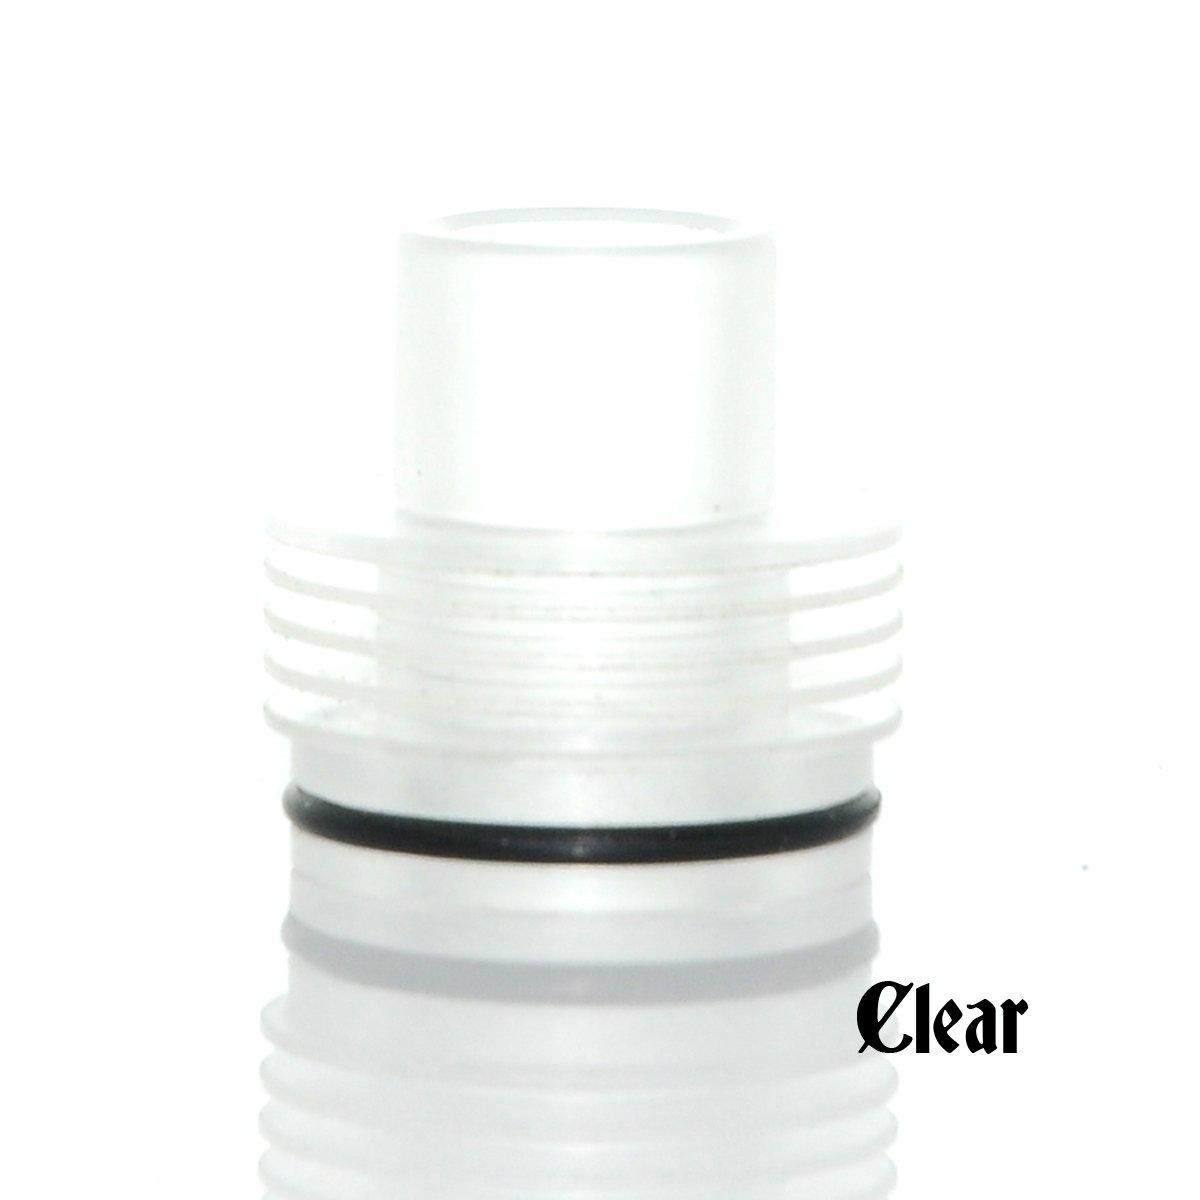 Chuff Drip Top - Delrin